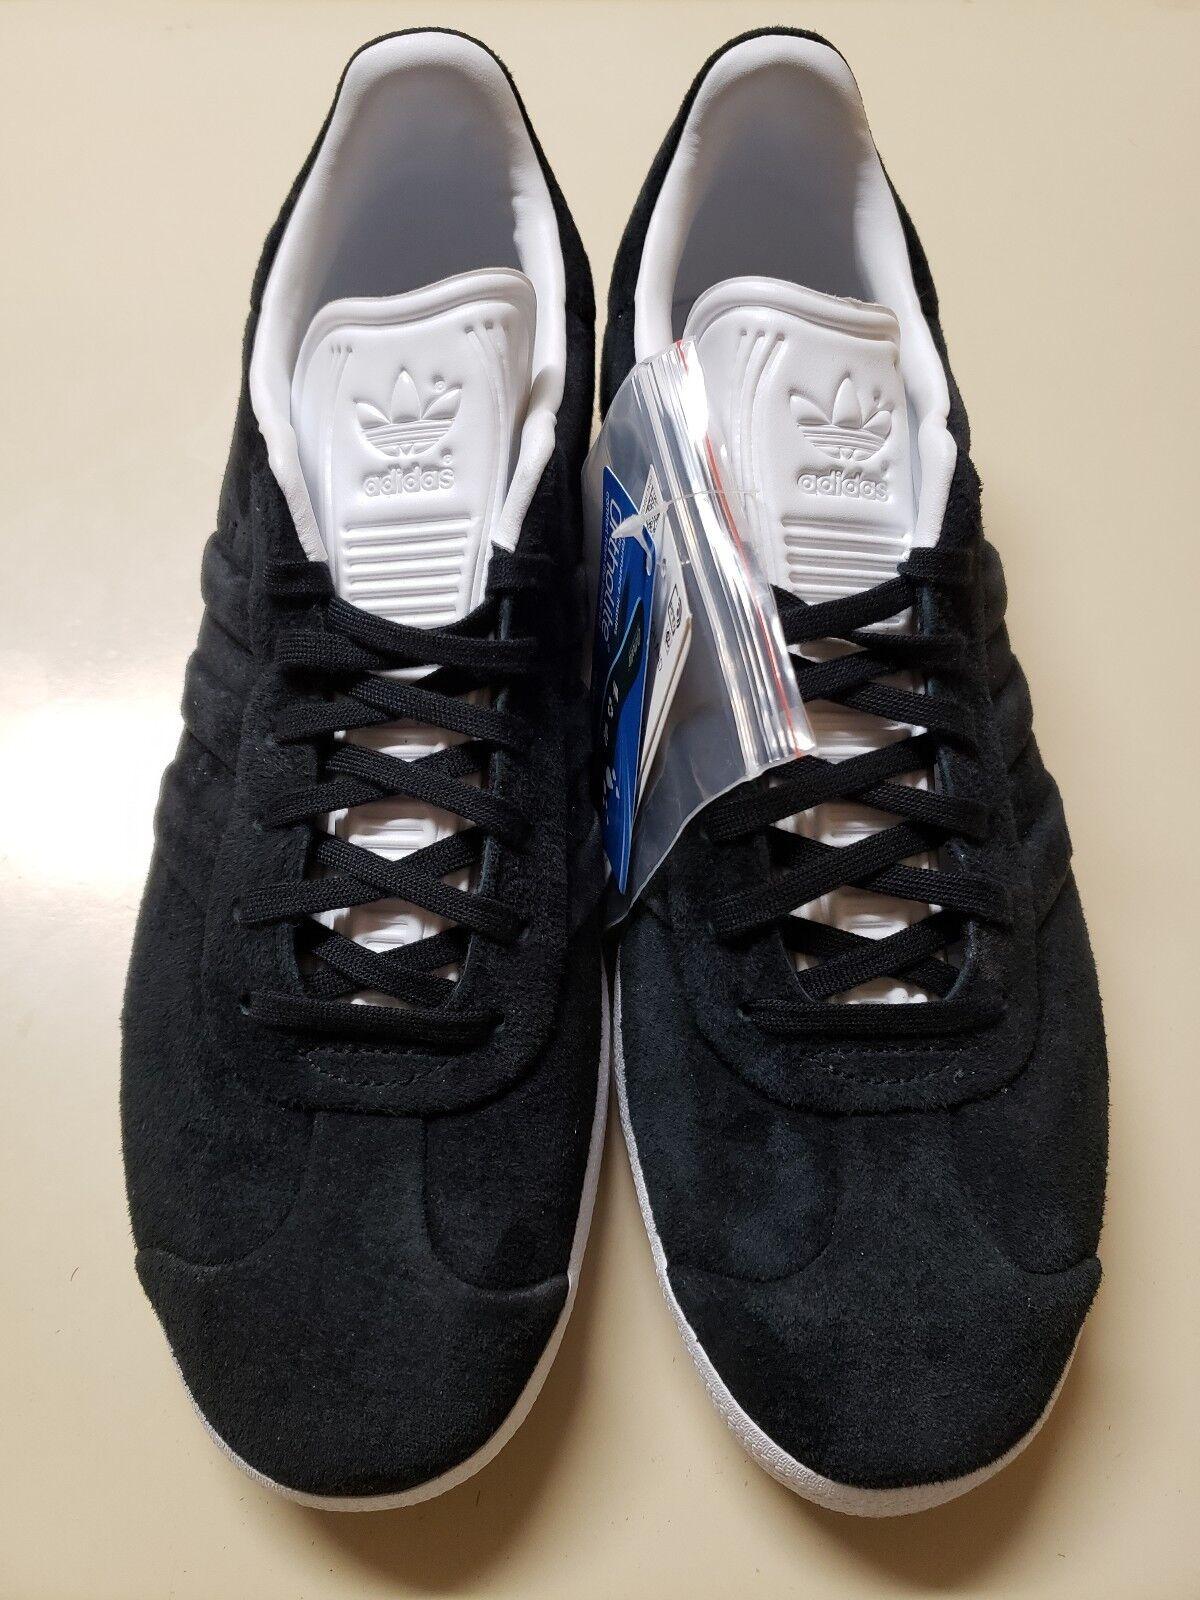 Adidas Gazelle  puntada y gire  Suede Negro blancoo para Hombre 11